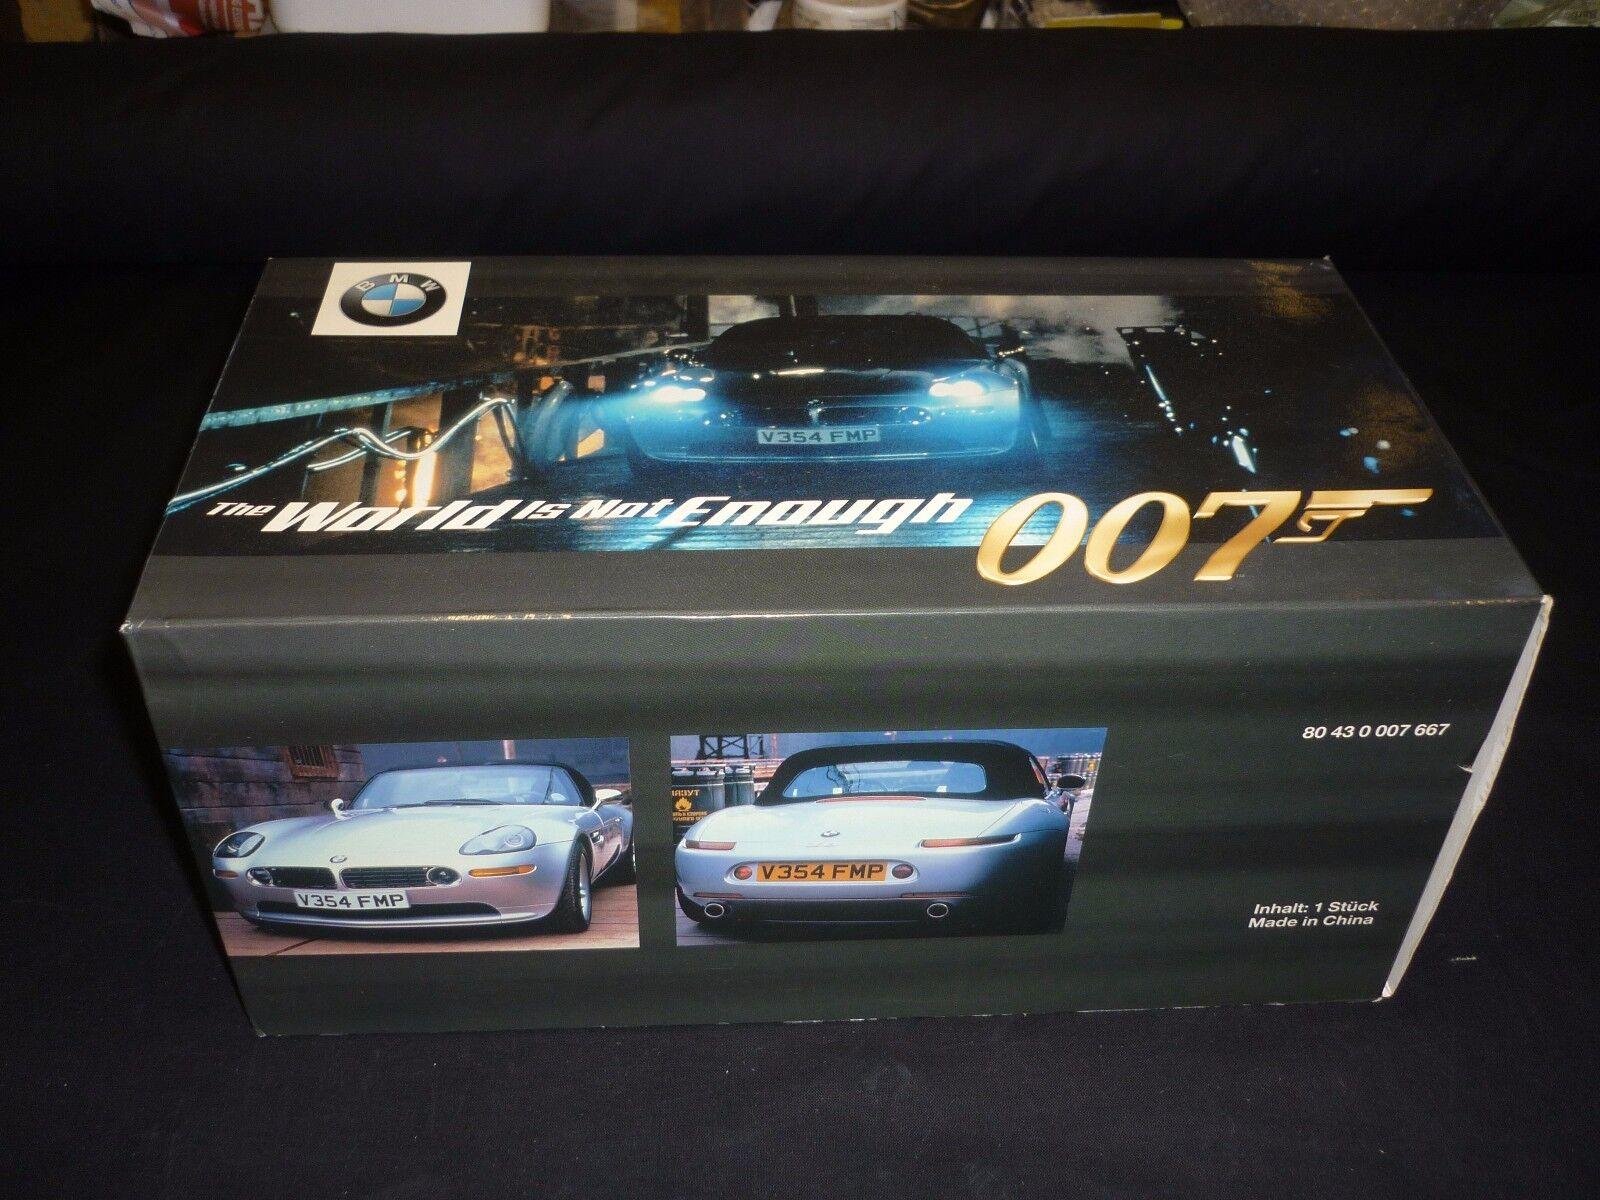 KYOSHO James Bond BMW Z8, il mondo non basta, Scala 1/18, in scatola